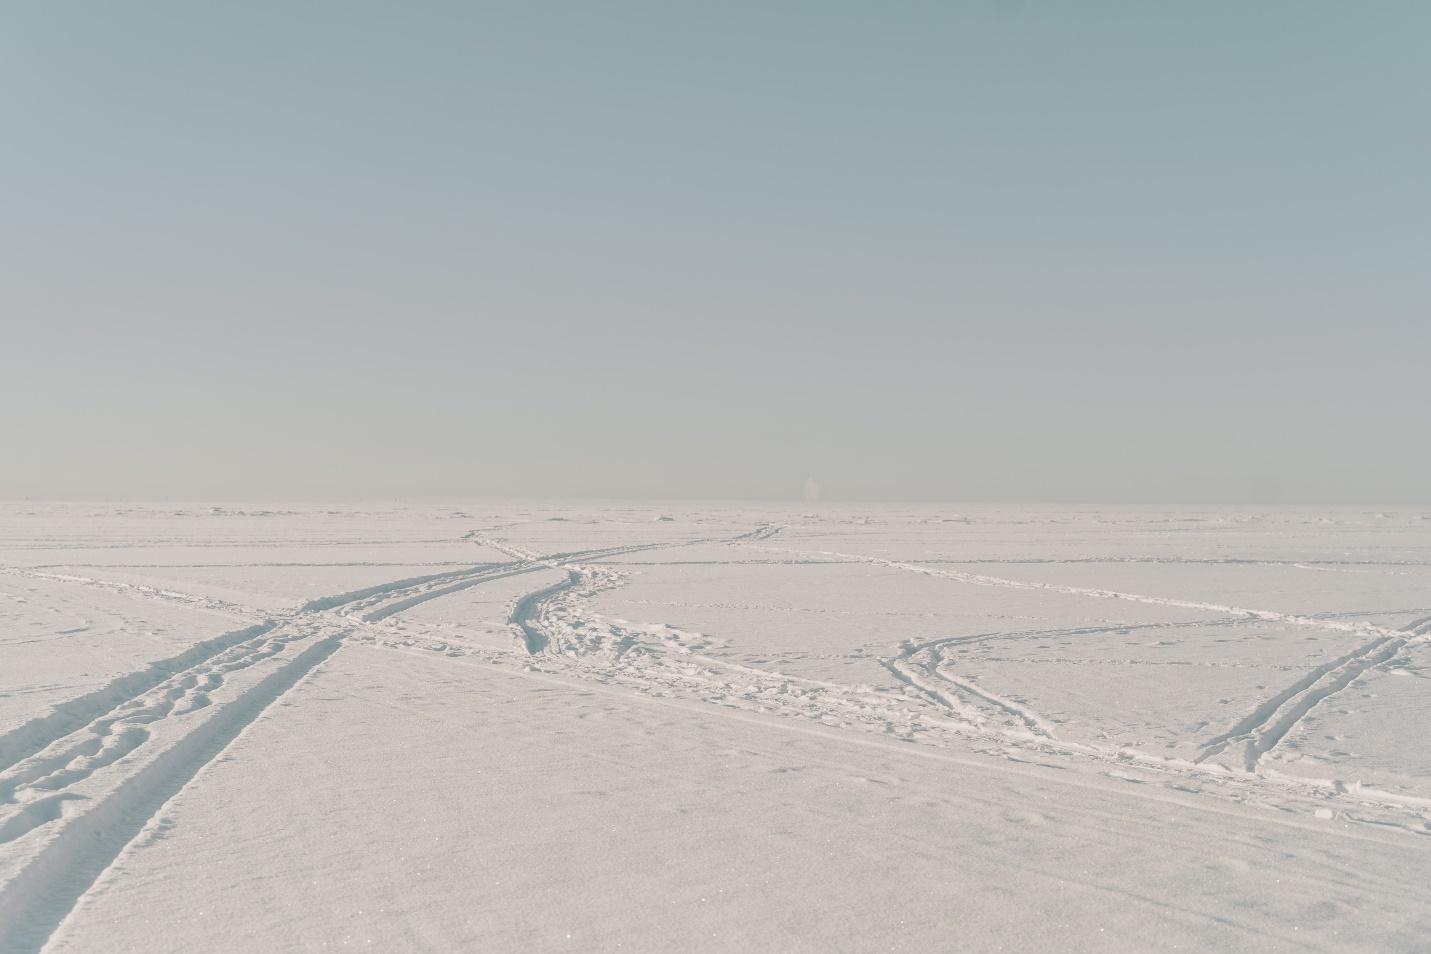 Antarctic Desert - Largest desert in the world